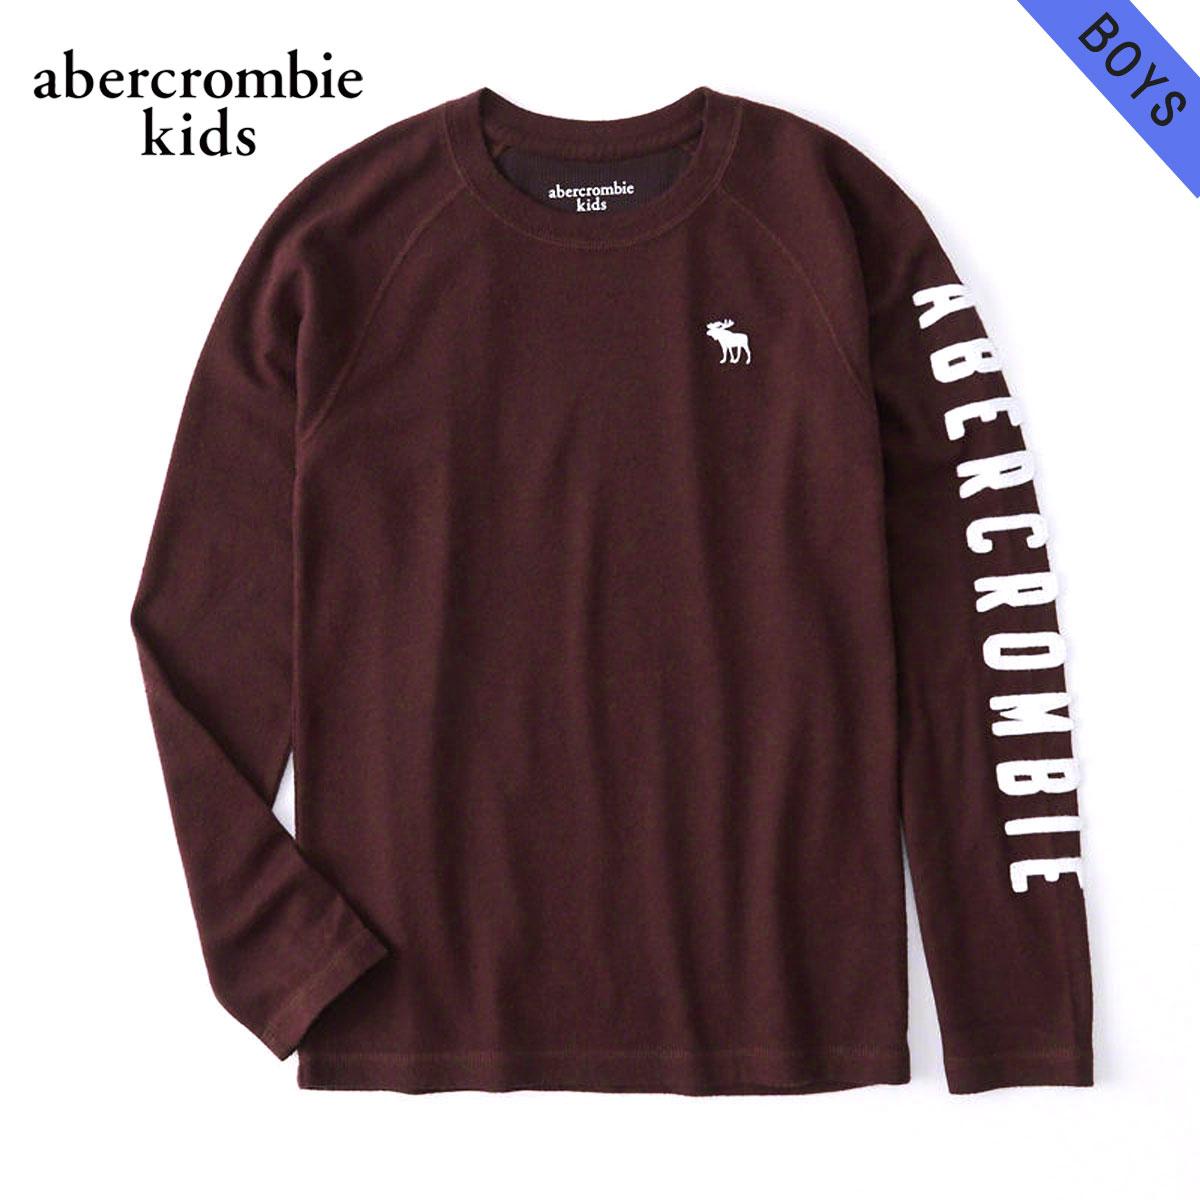 アバクロキッズ AbercrombieKids 正規品 子供服 ボーイズ クルーネック長袖Tシャツ cozy logo graphic tee 223-616-0101-055